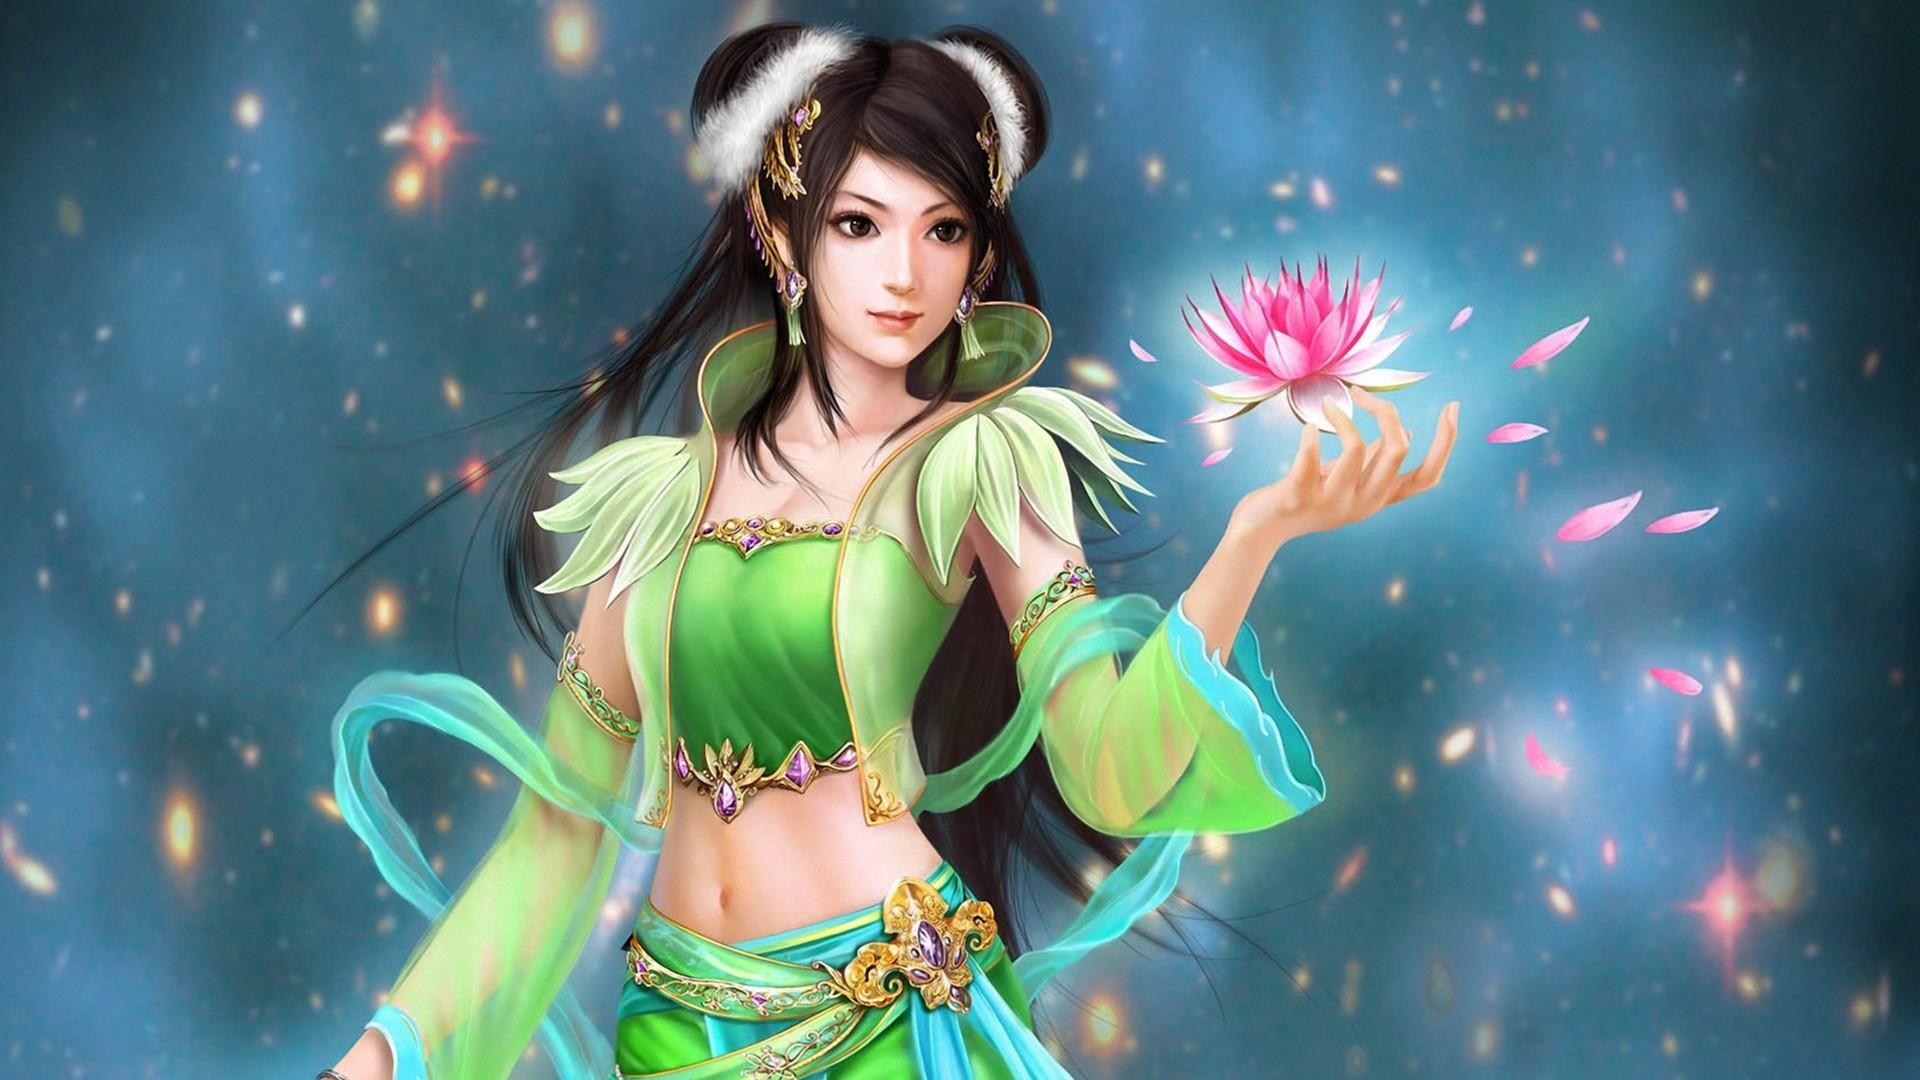 3d Fantasy Girl Wallpaper 1920x1080 73778